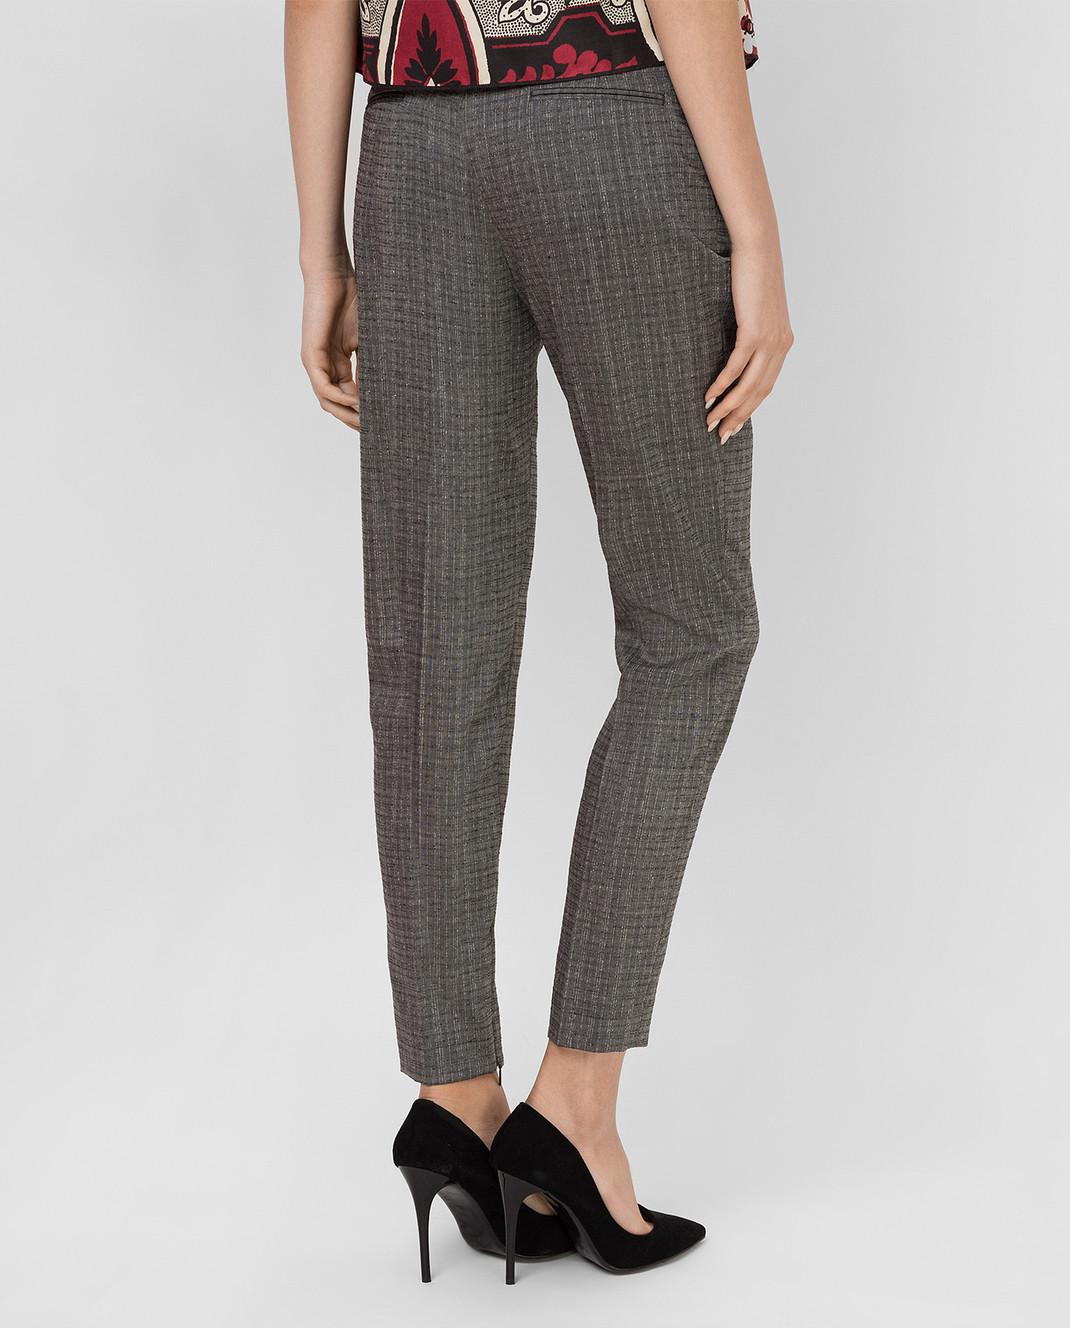 Saint Laurent Серые брюки из шерсти и мохера 502533Y083S изображение 4